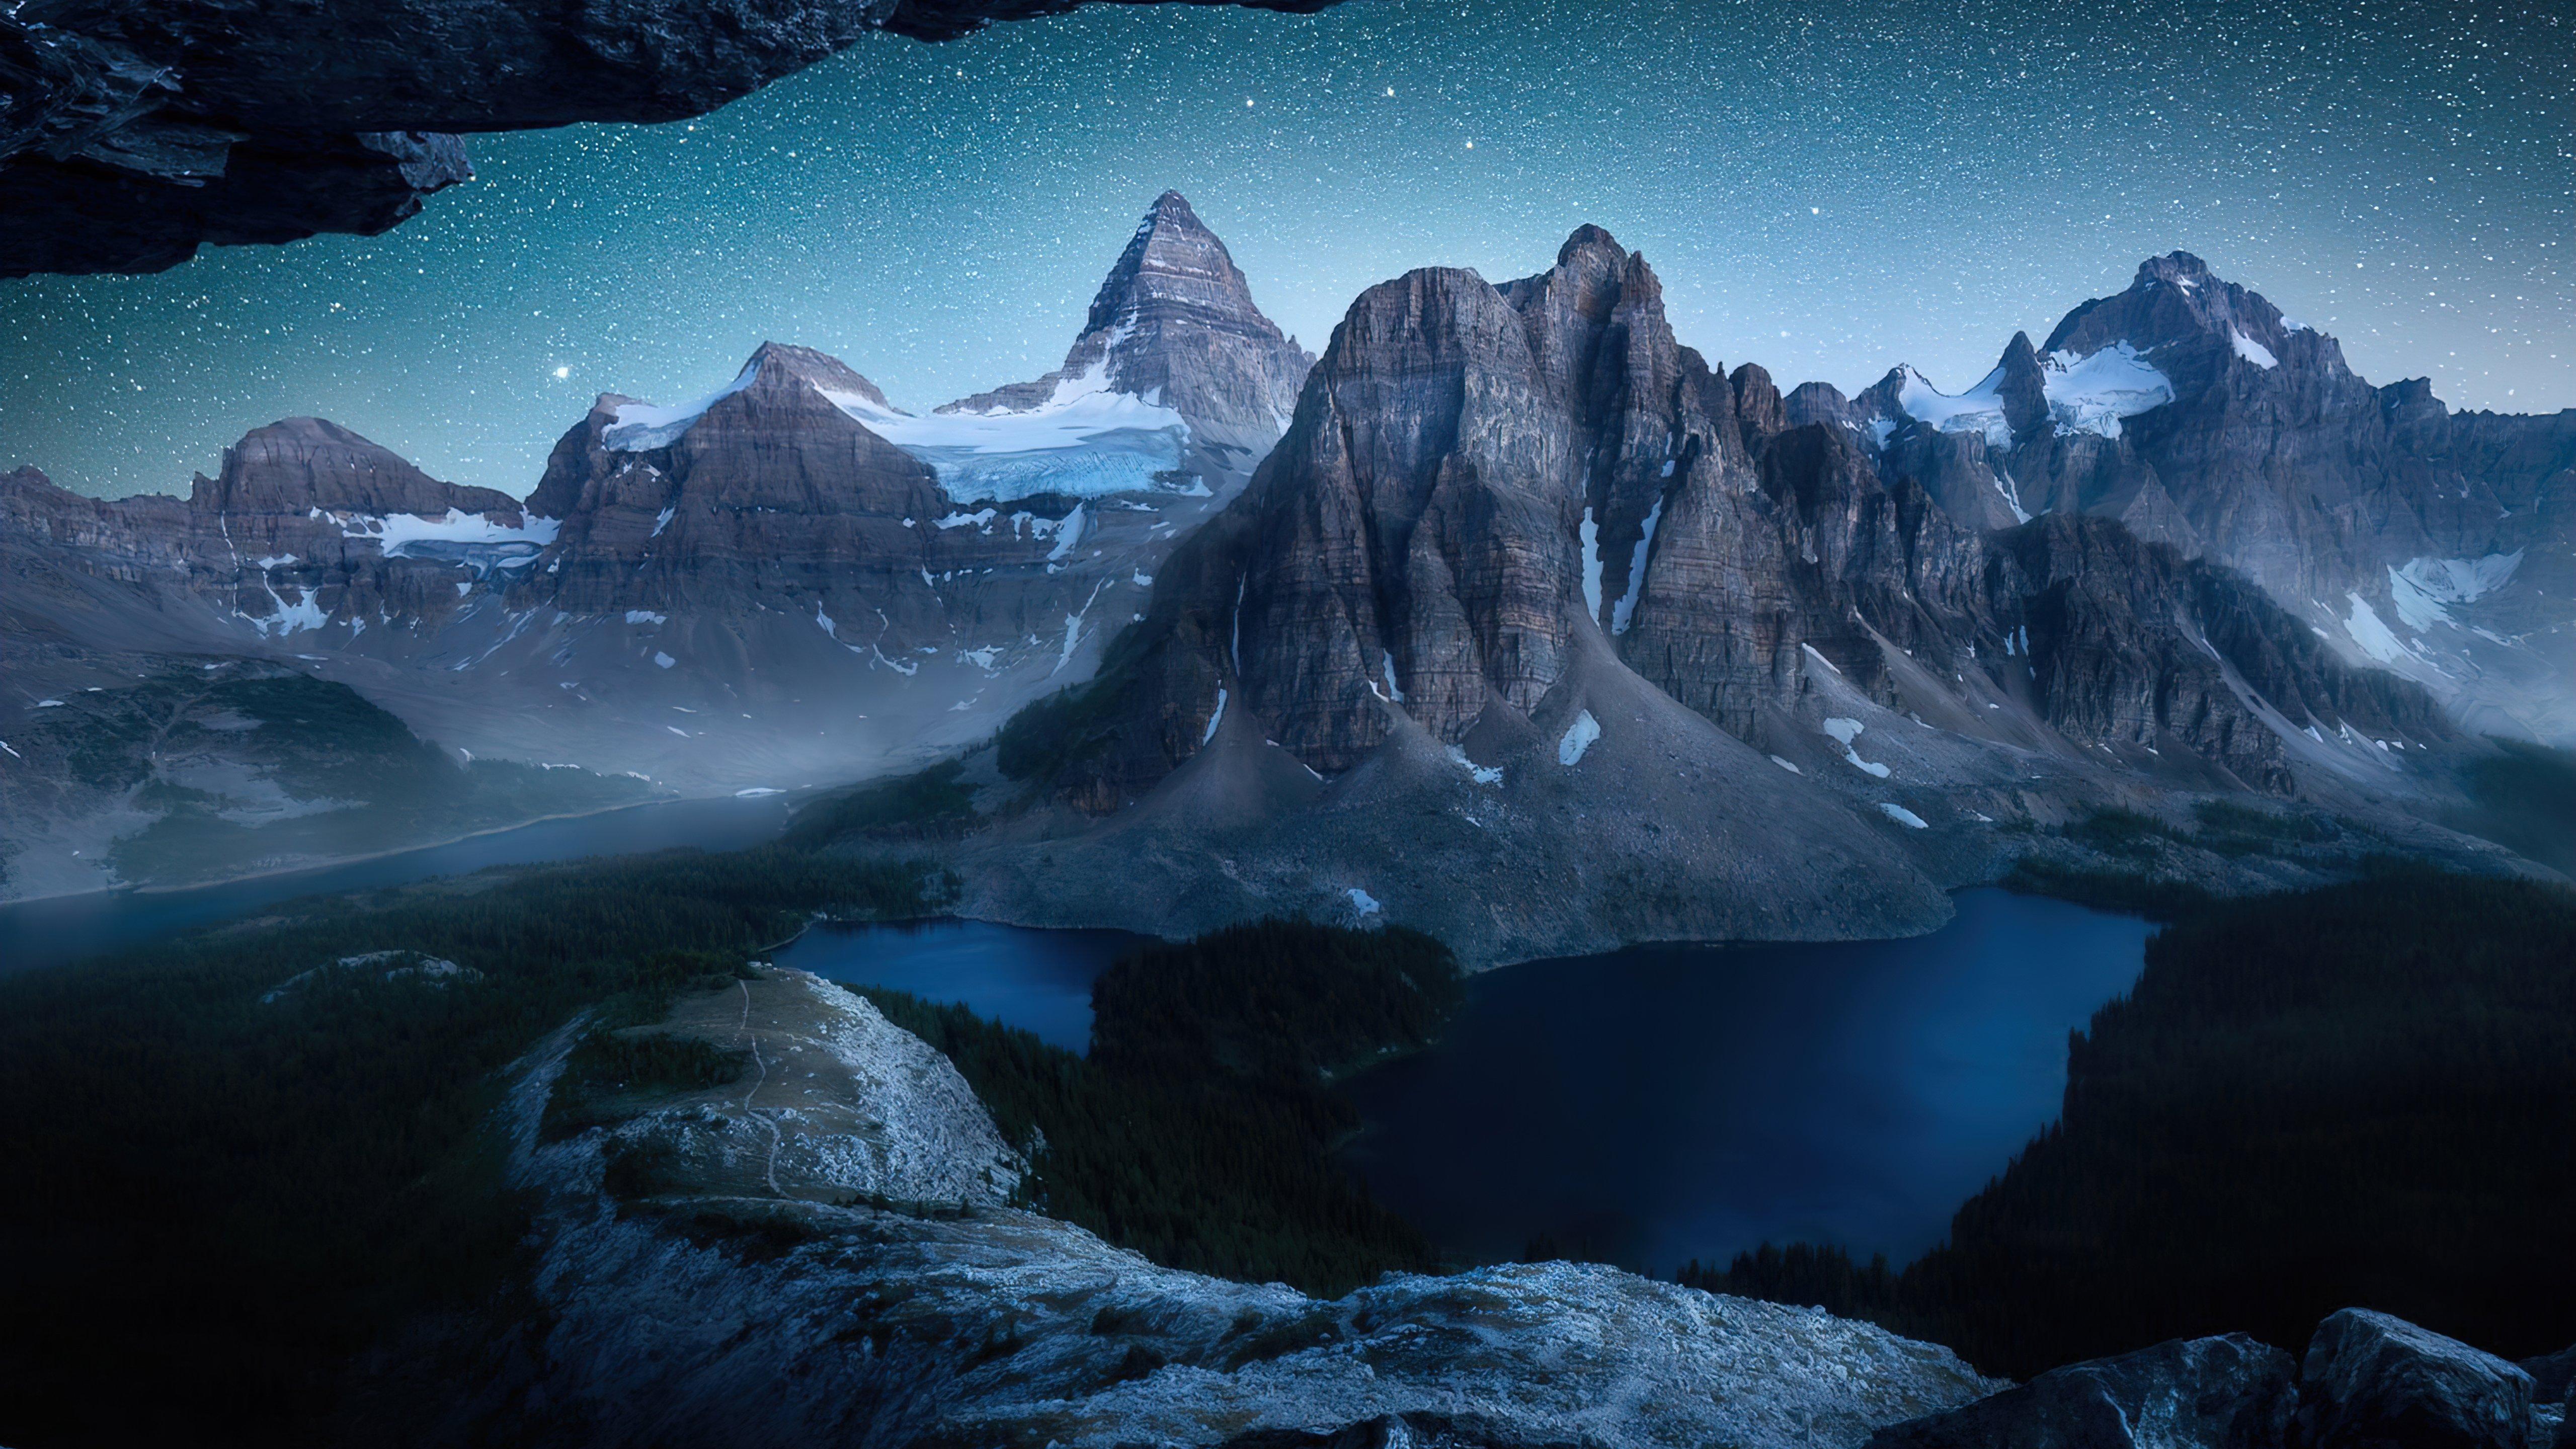 Fondos de pantalla Montañas bajo las estrellas